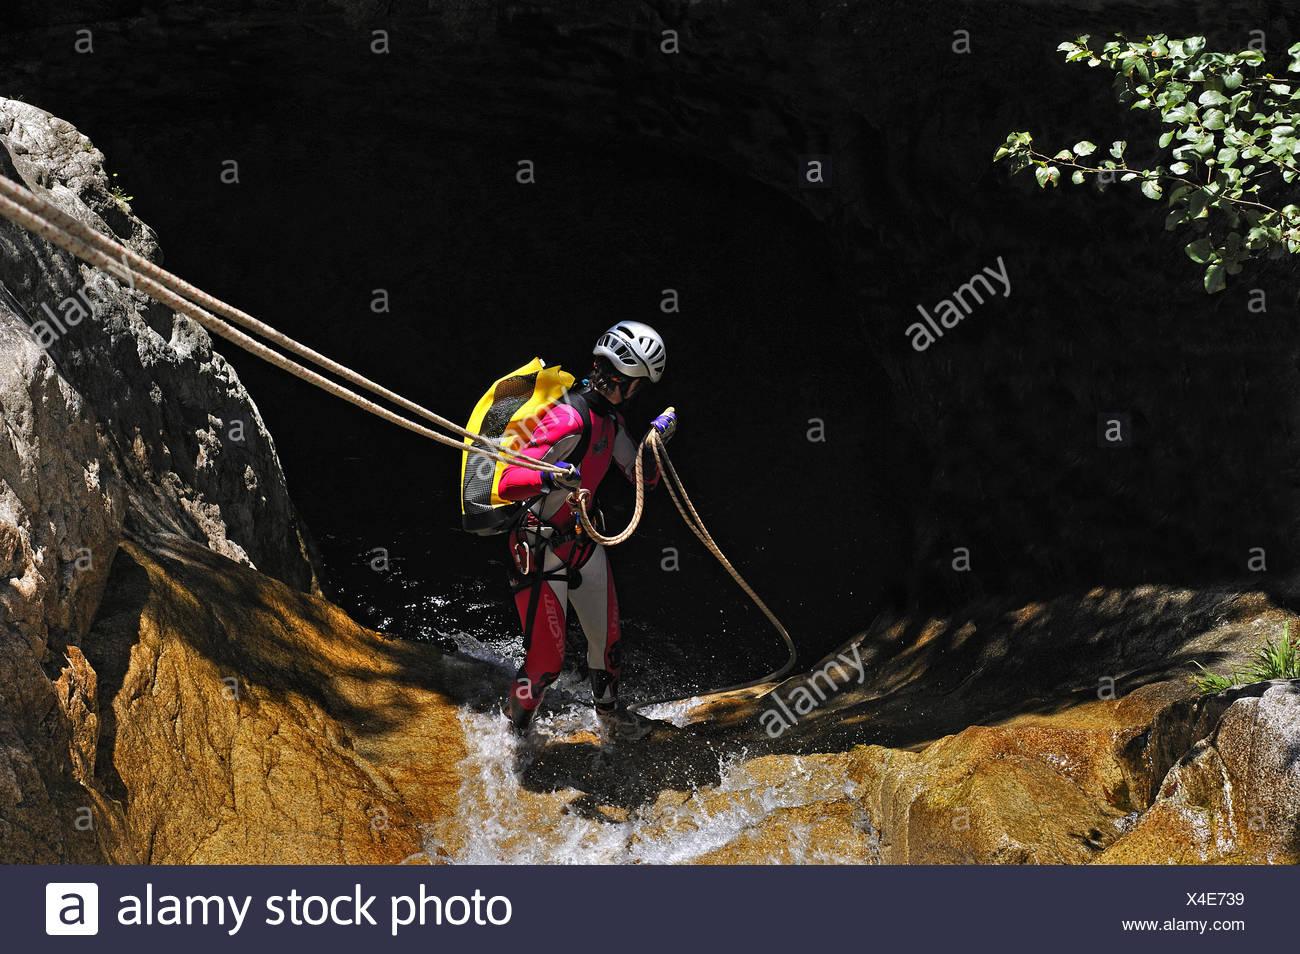 Kletterausrüstung Kaufen : Kletterausrüstung kaufen schweiz klettern die top angebote für